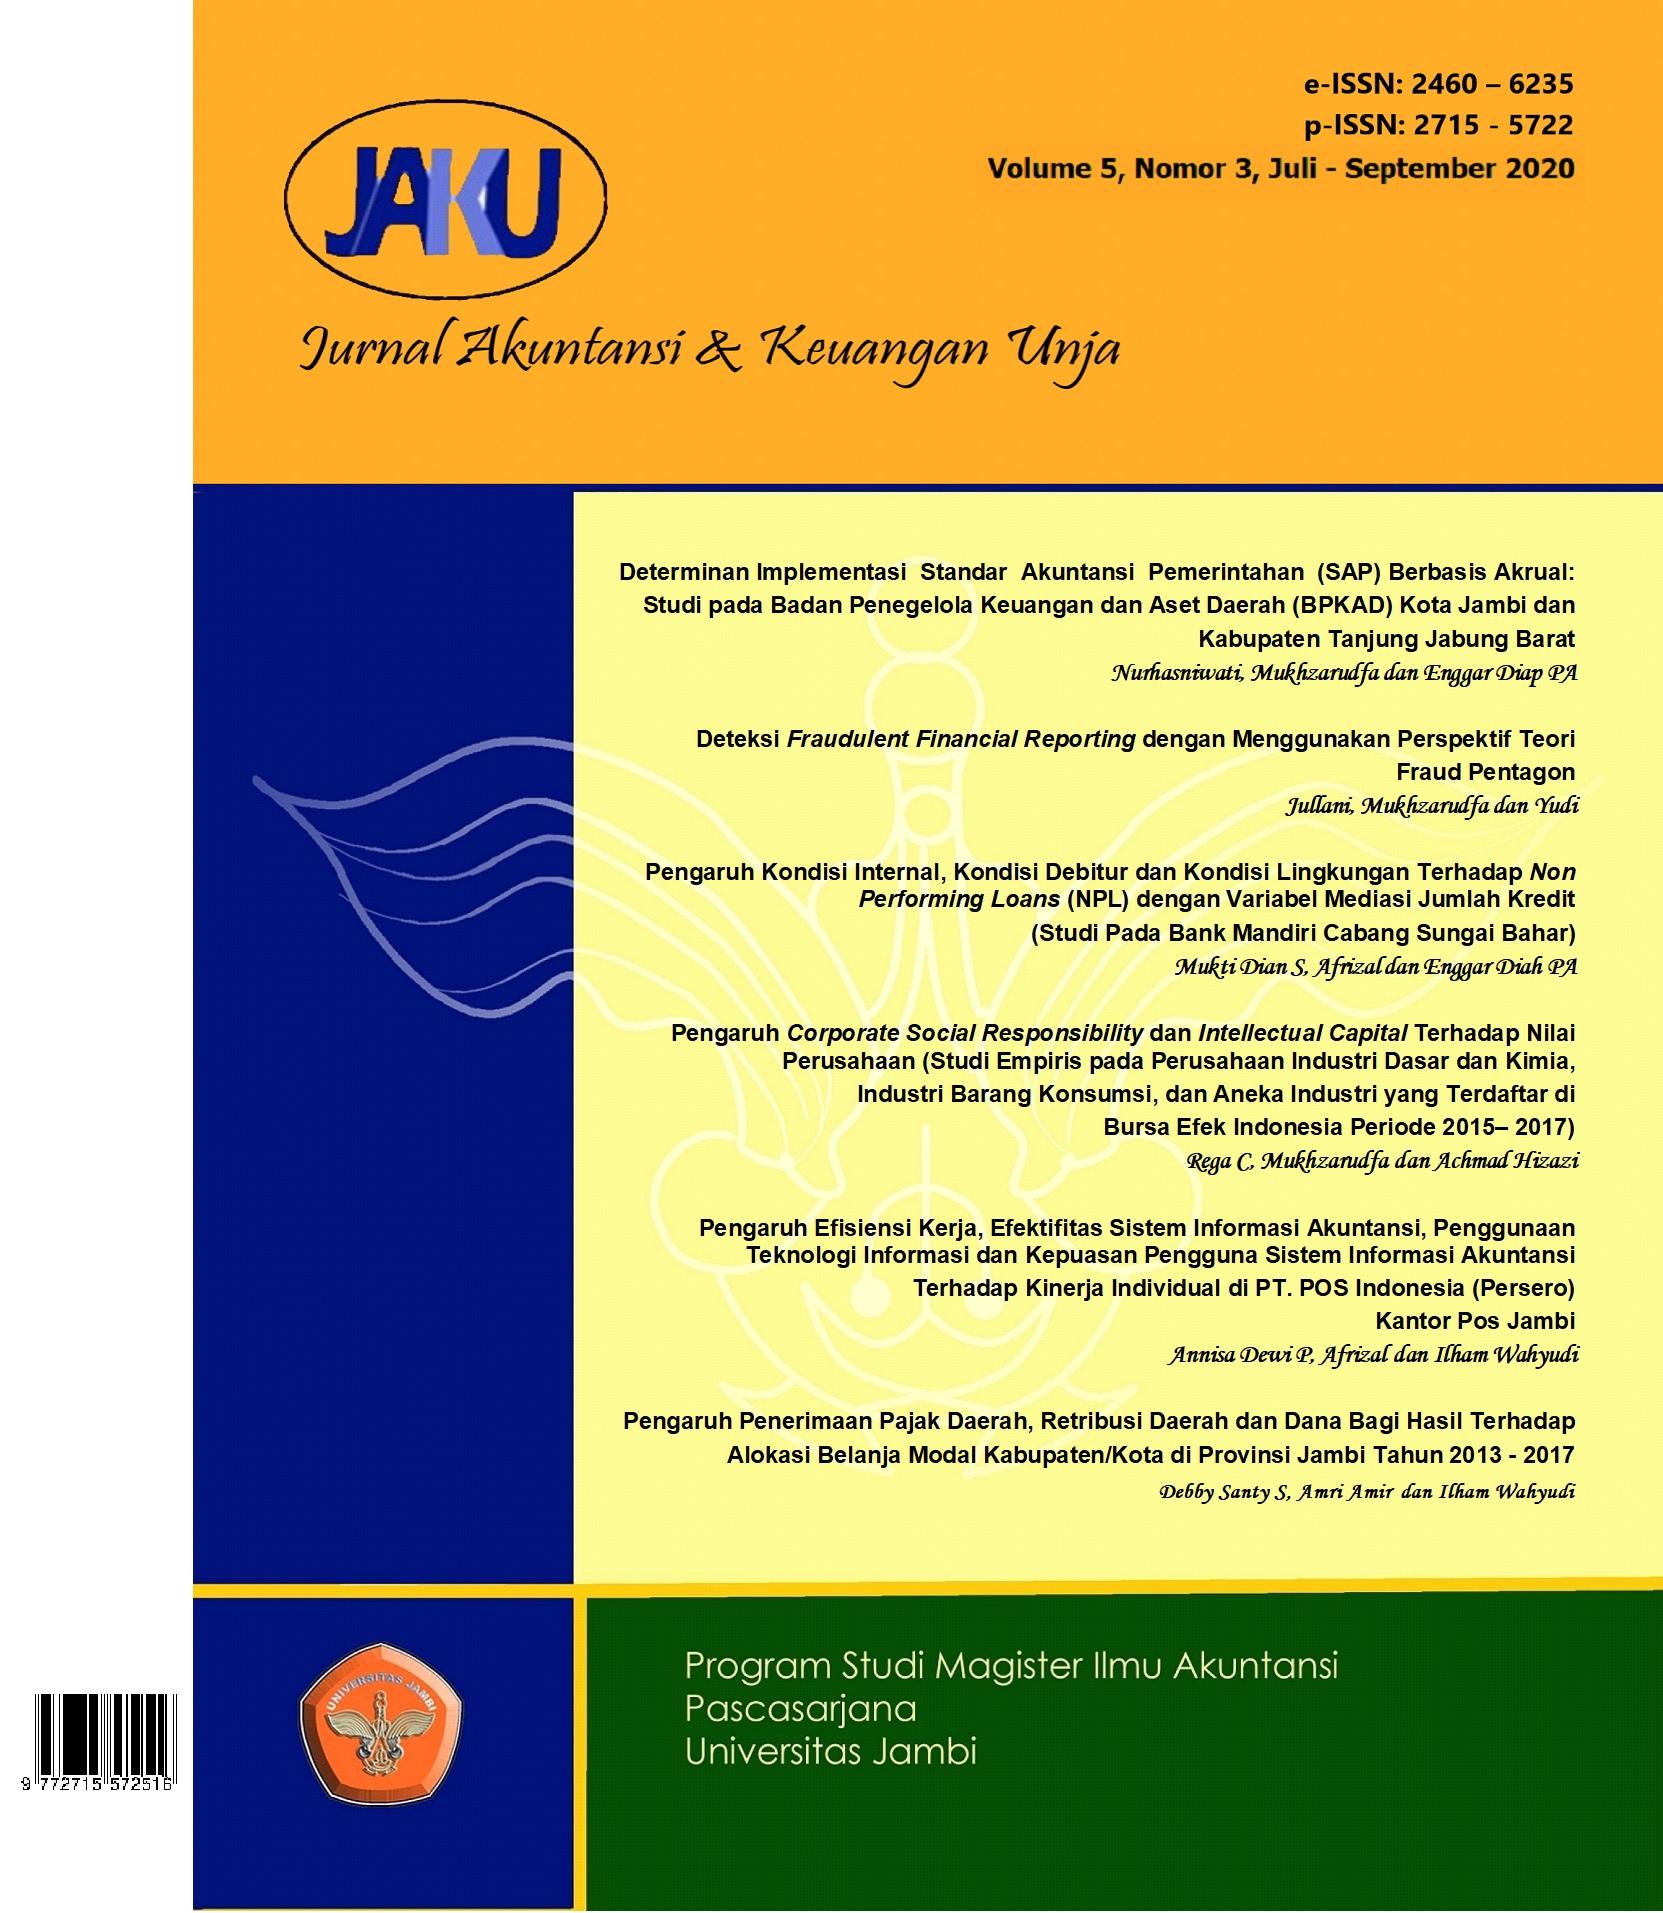 View Vol. 5 No. 3 (2020): Jurnal Akuntansi & Keuangan Unja